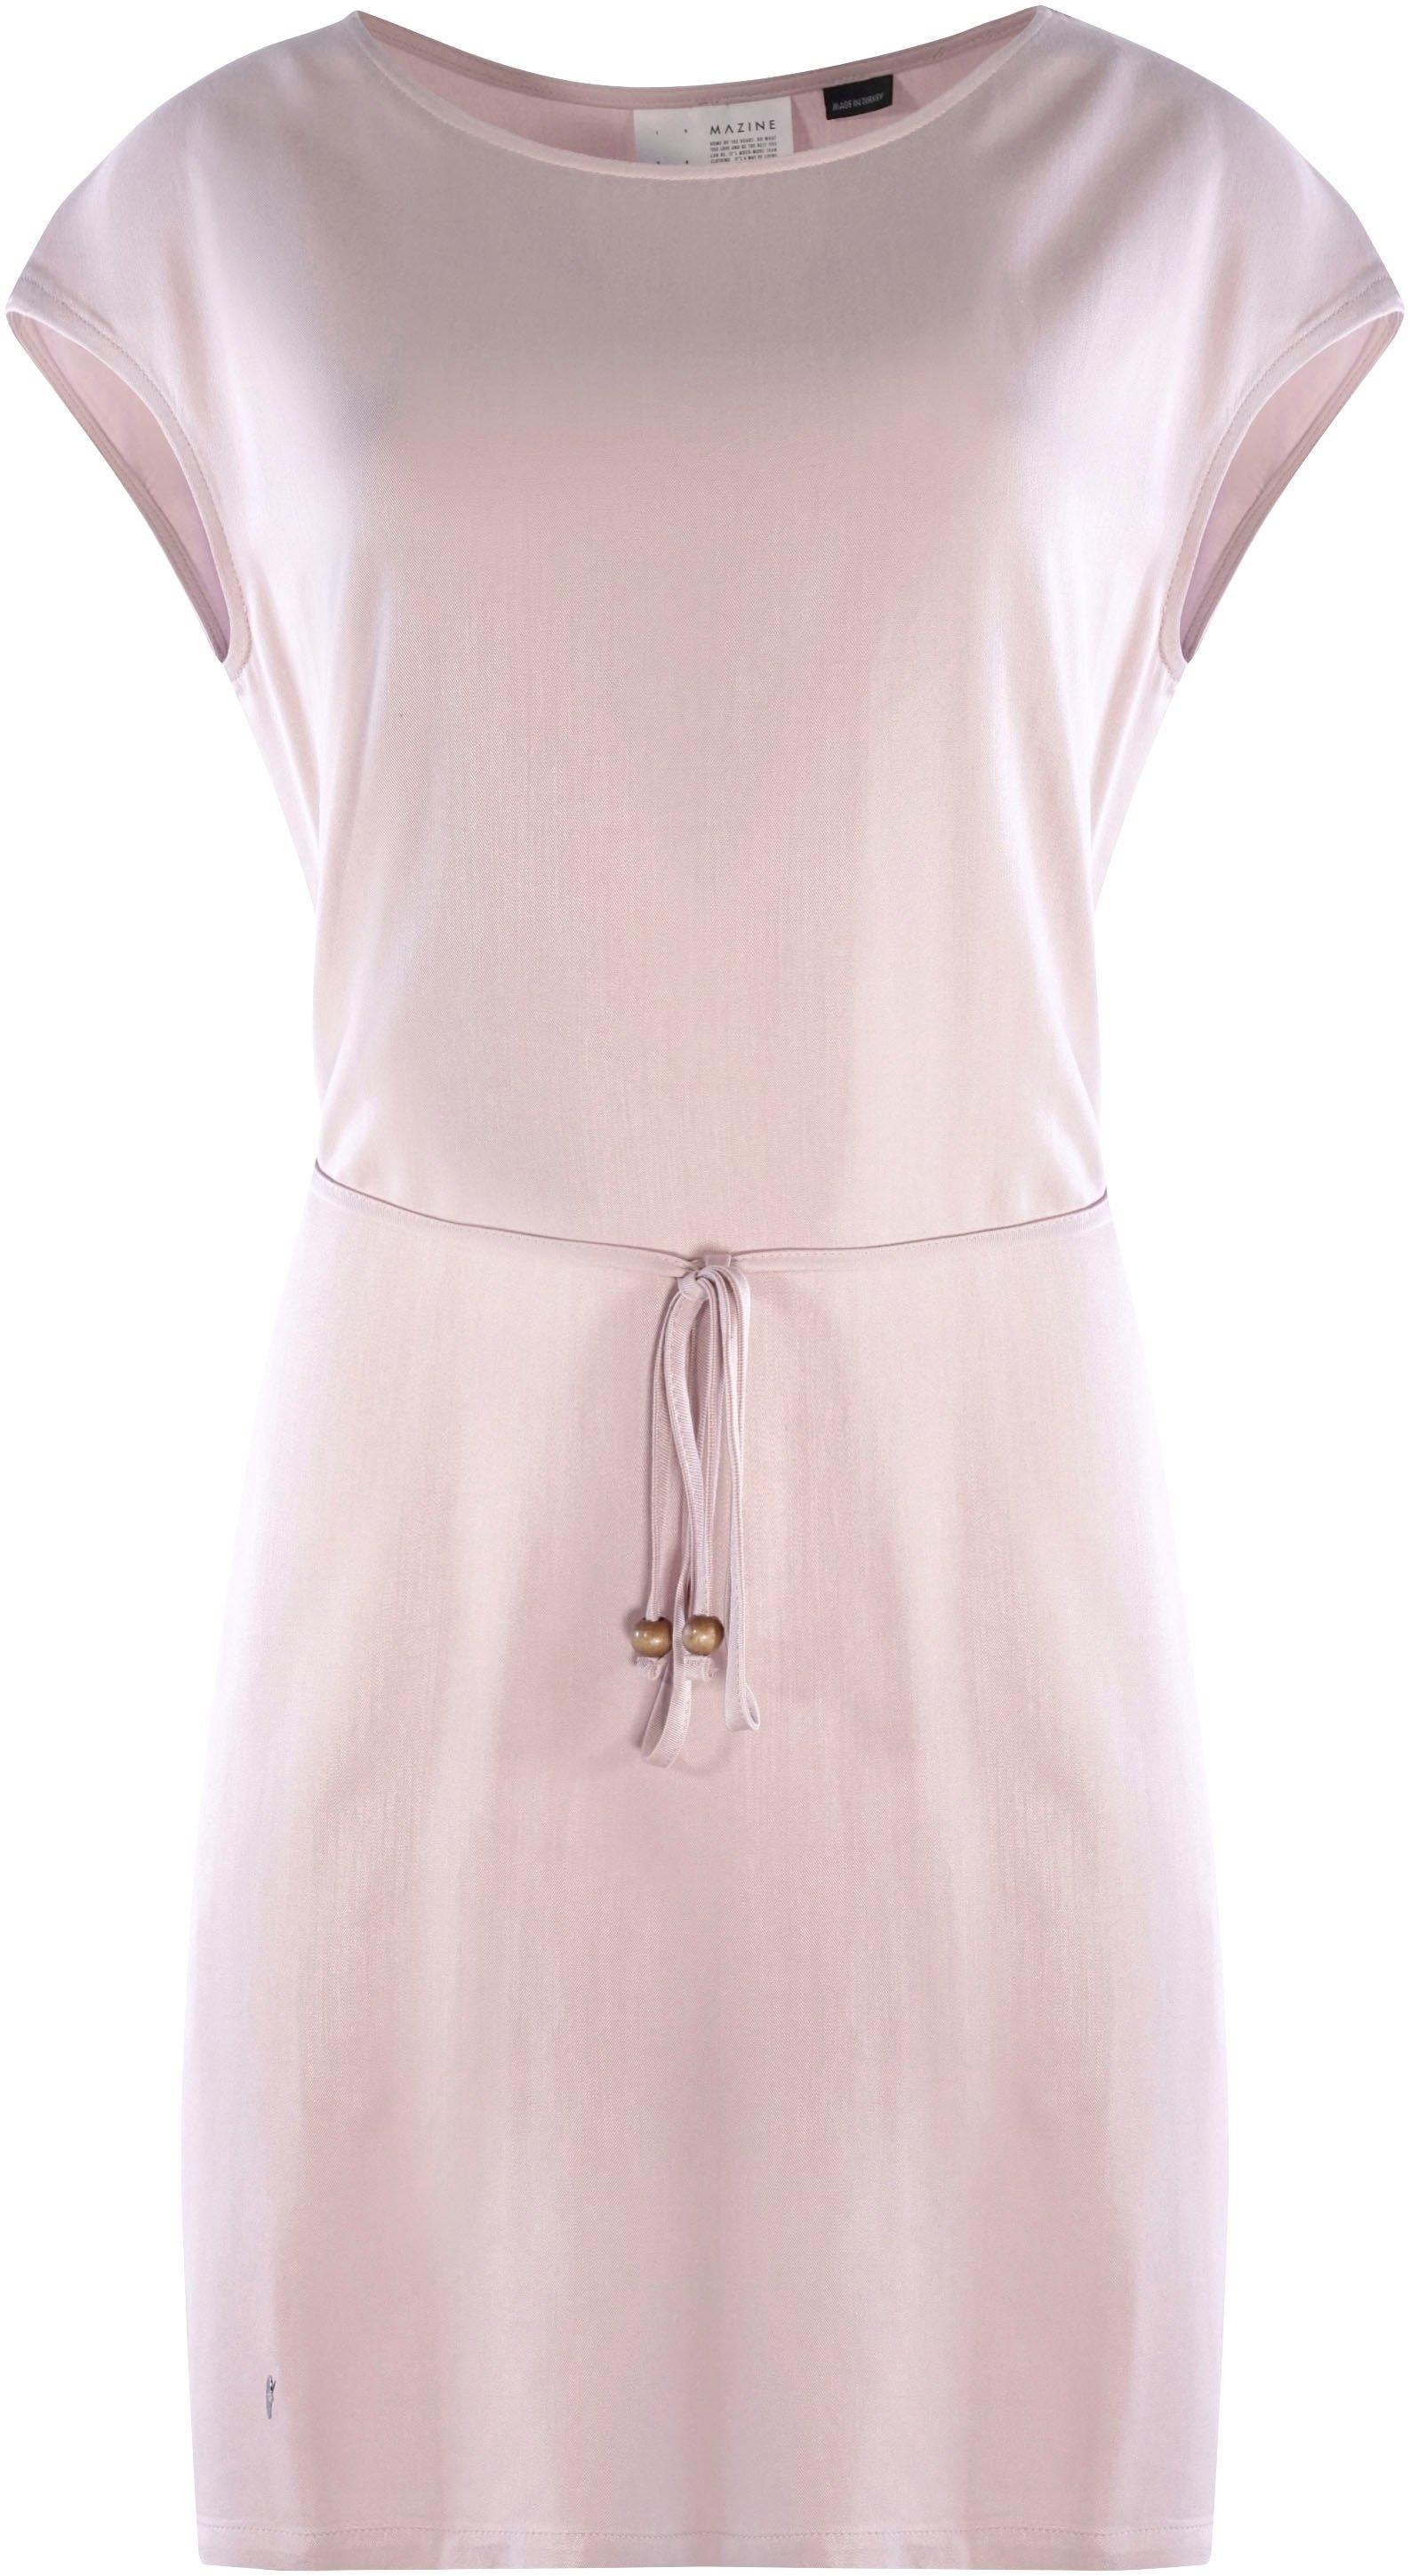 MAZINE jerseyjurk Ruth met kleine decoratieve riem & all-over print voordelig en veilig online kopen